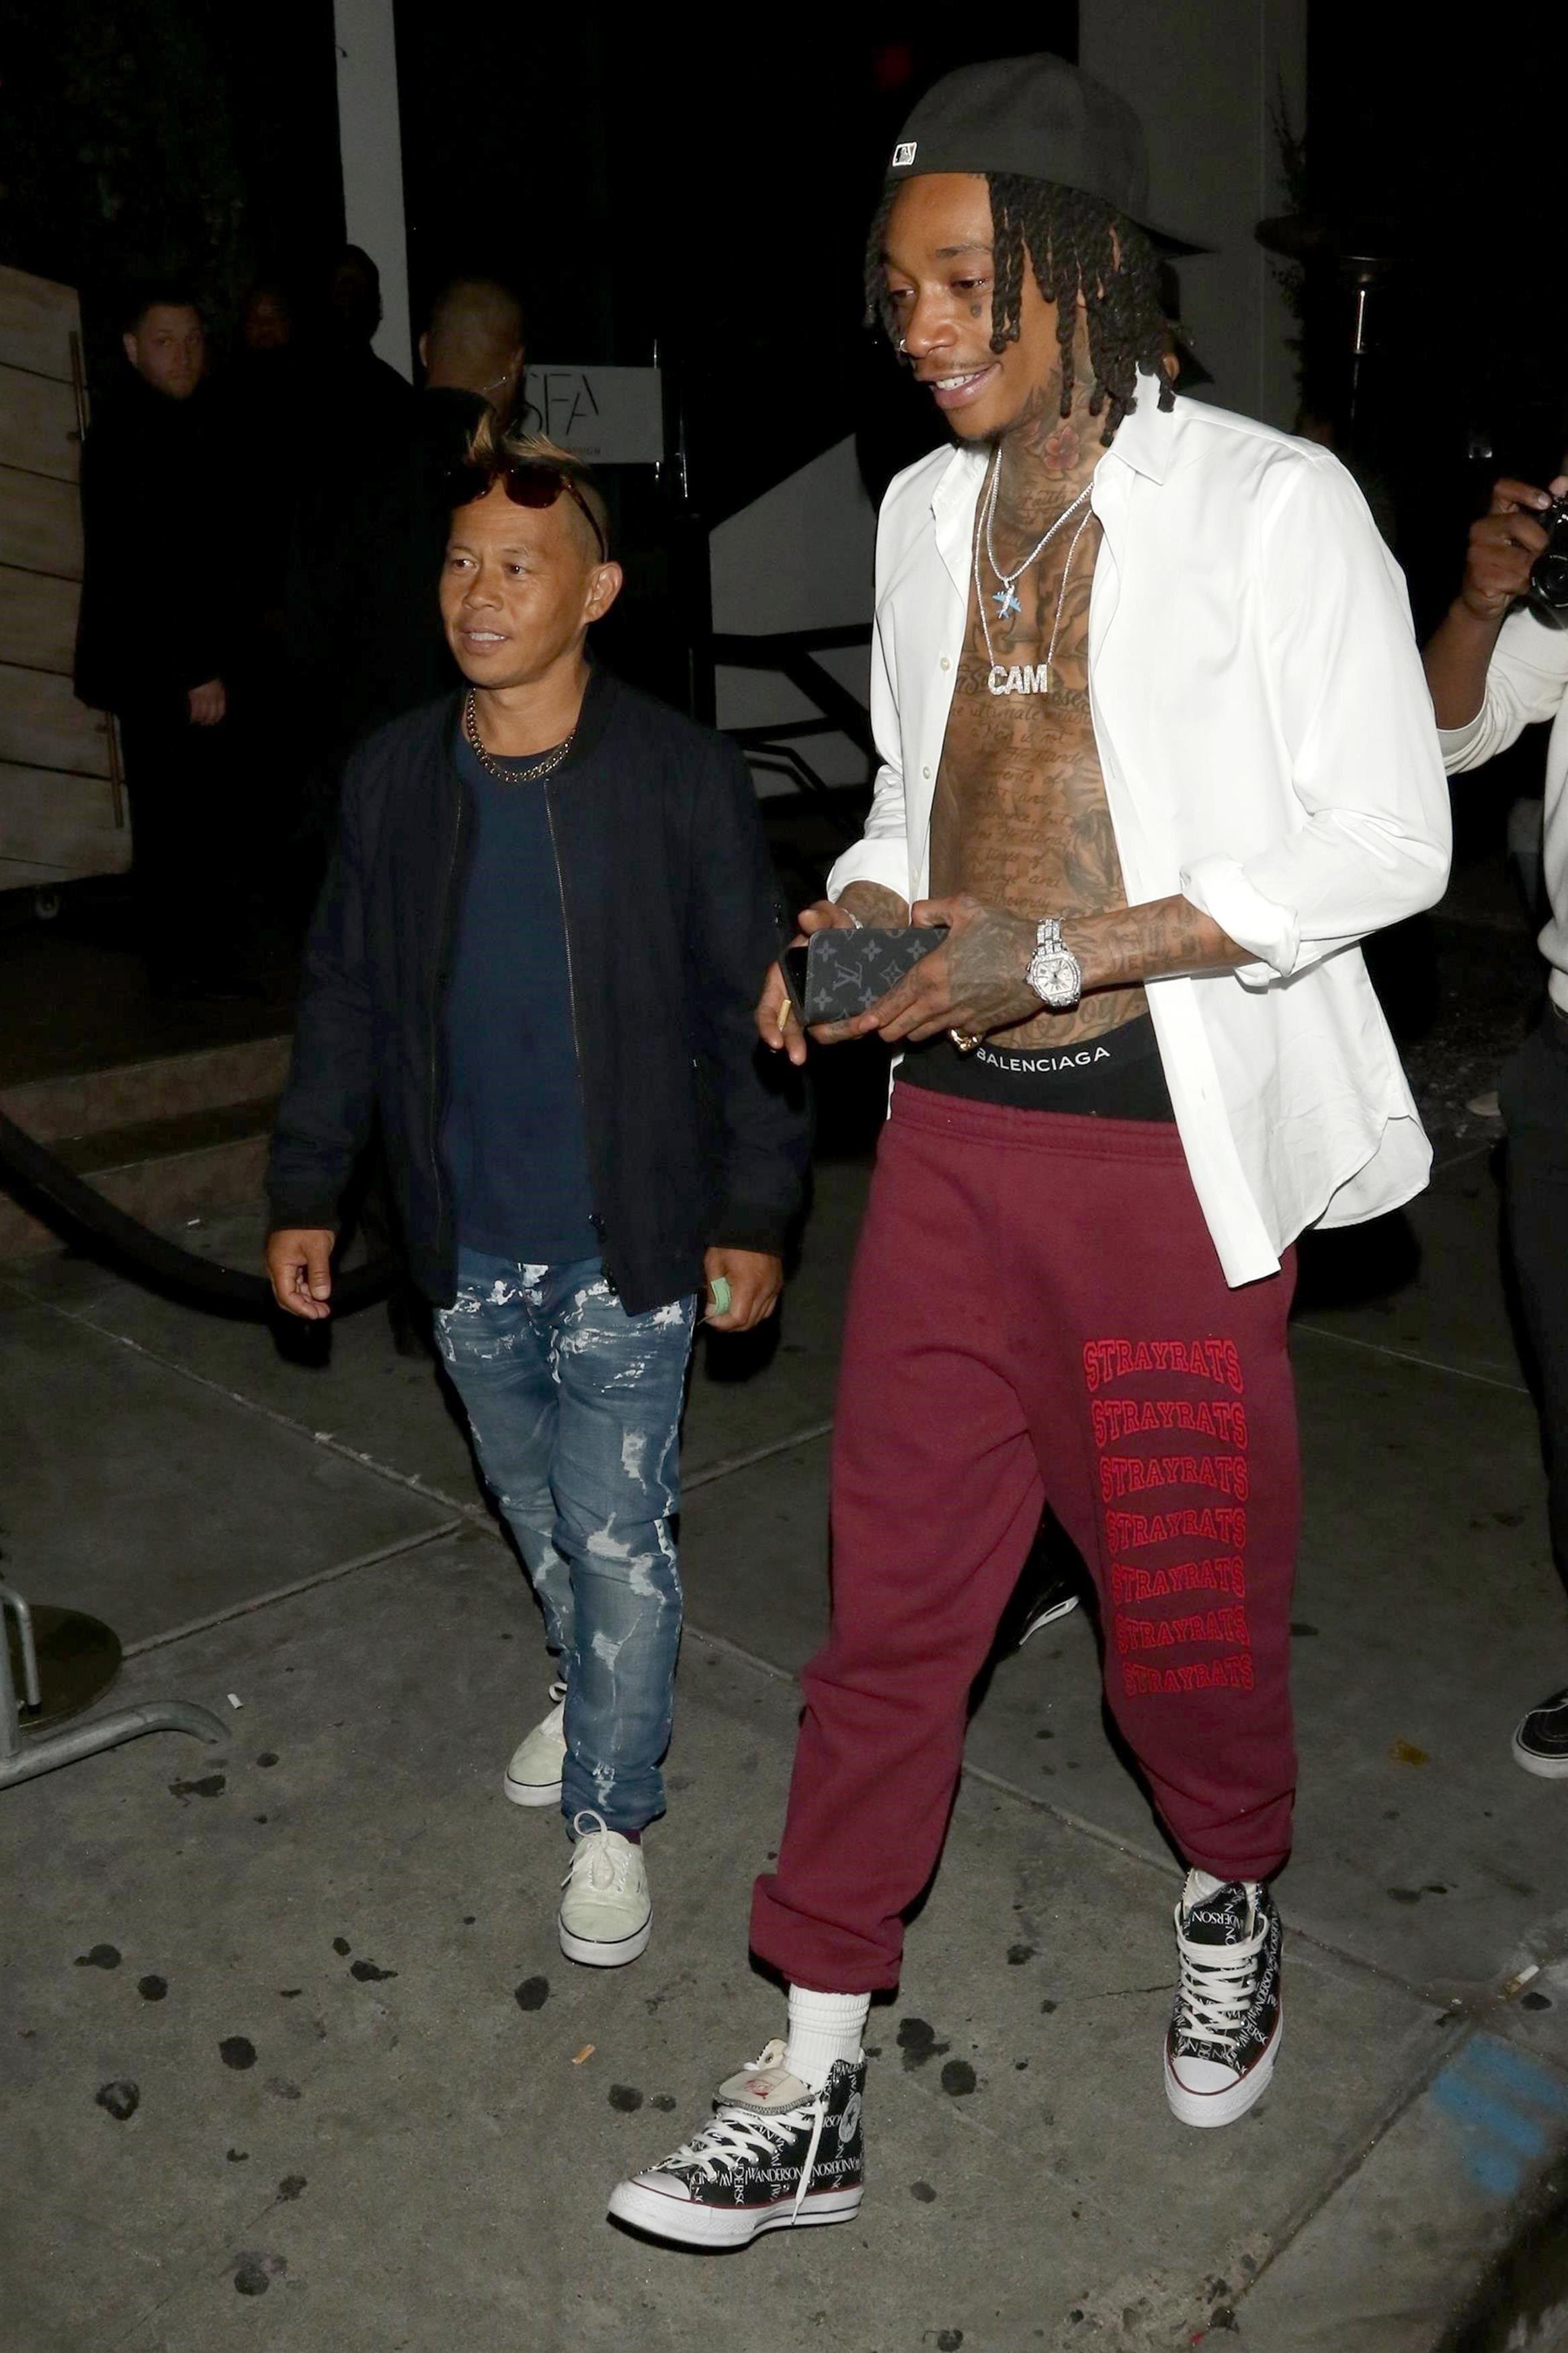 d10a1a48a8b7 Wiz Khalifa wearing Balenciaga Trio Of Boxers